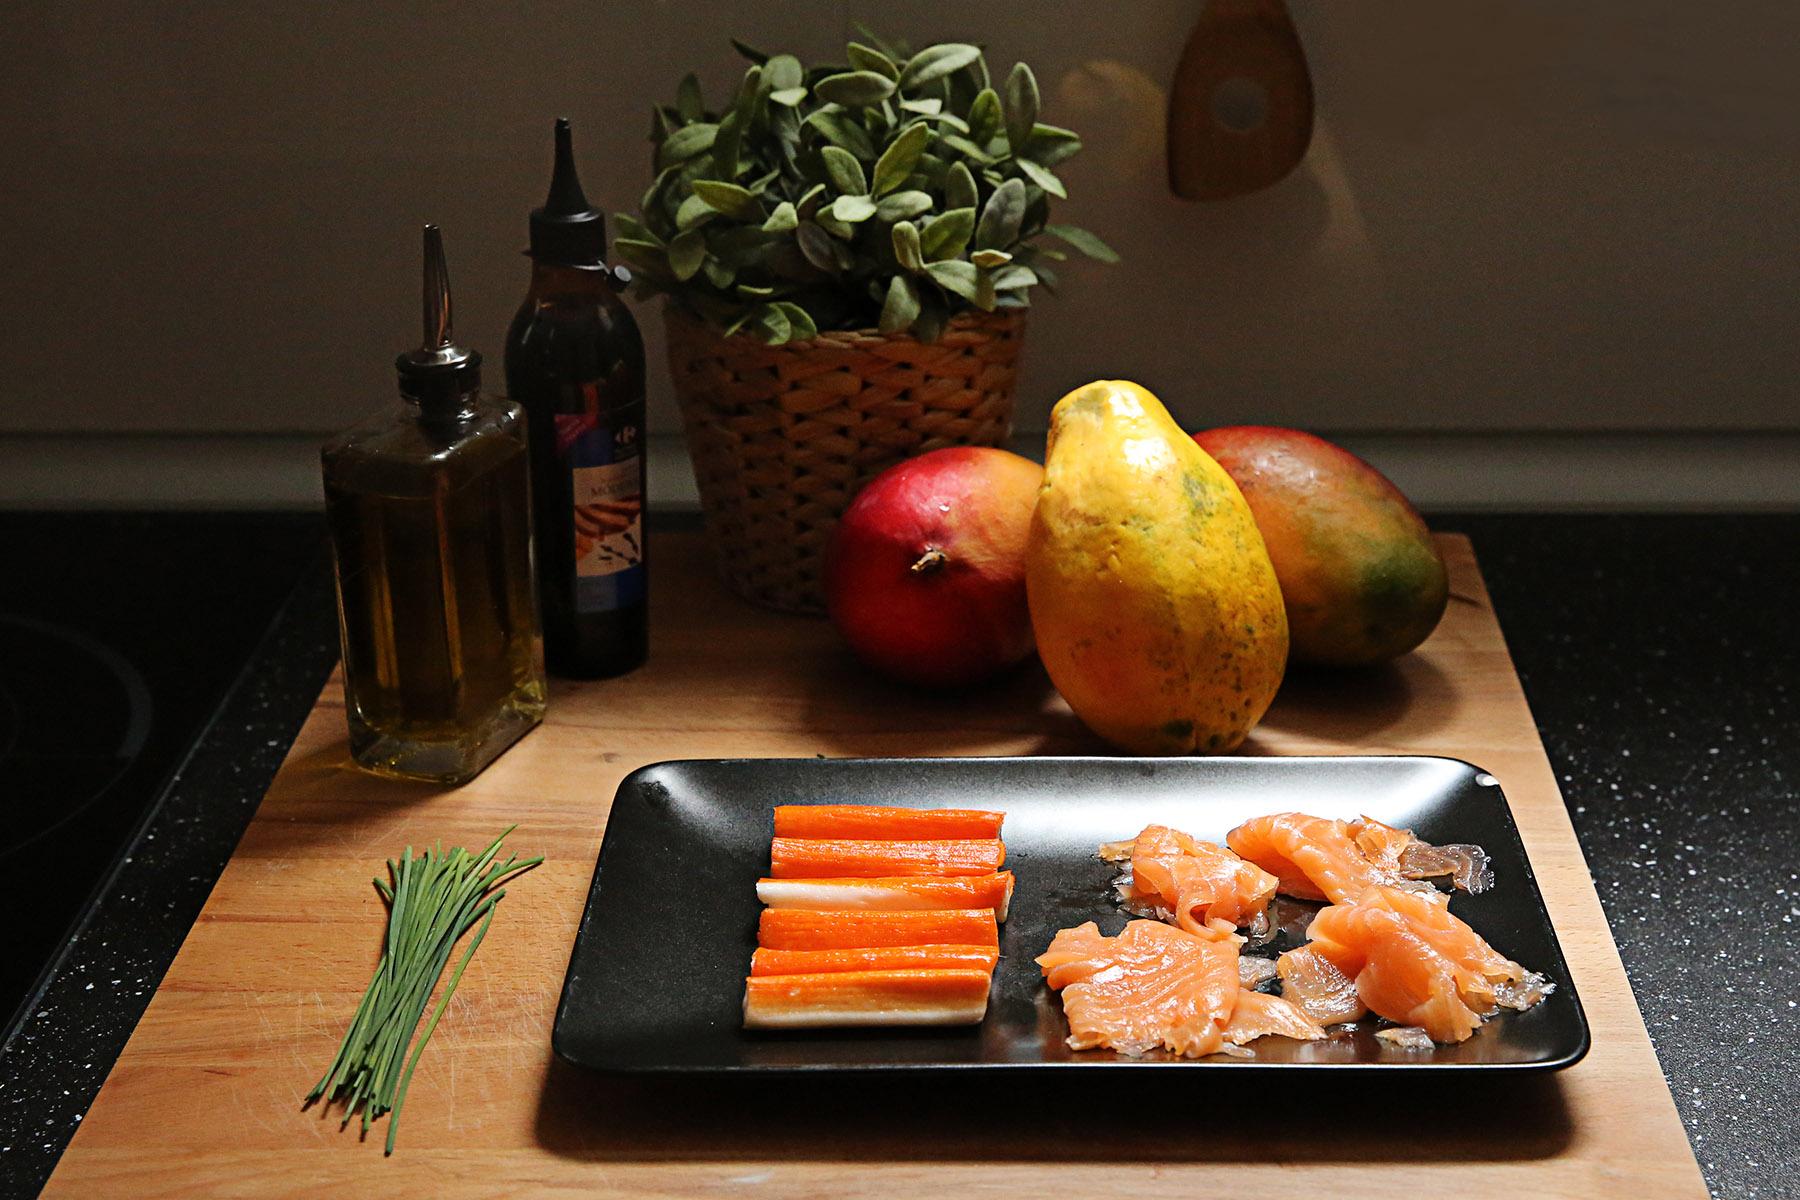 trendy-taste-blog-blogger-fashion-spain-moda-españa-cooking-recipes-recetas-krissia-trendycooking-3